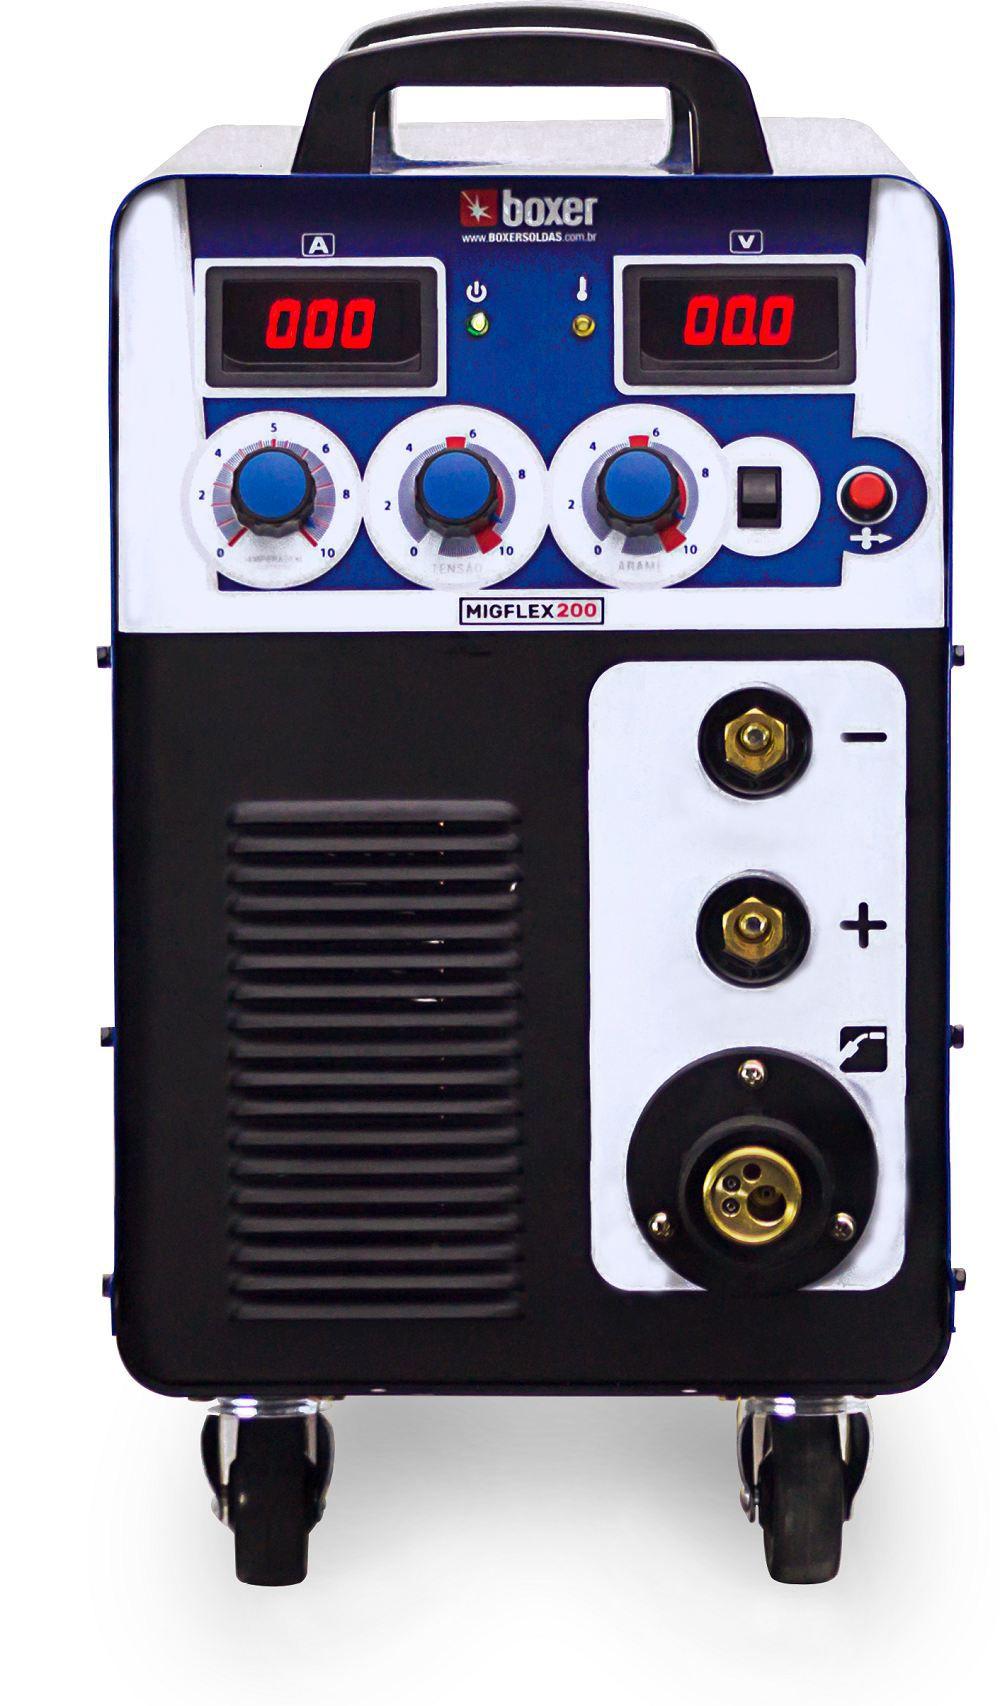 Maquina de Solda 200A MigFlex 200 220V Boxer